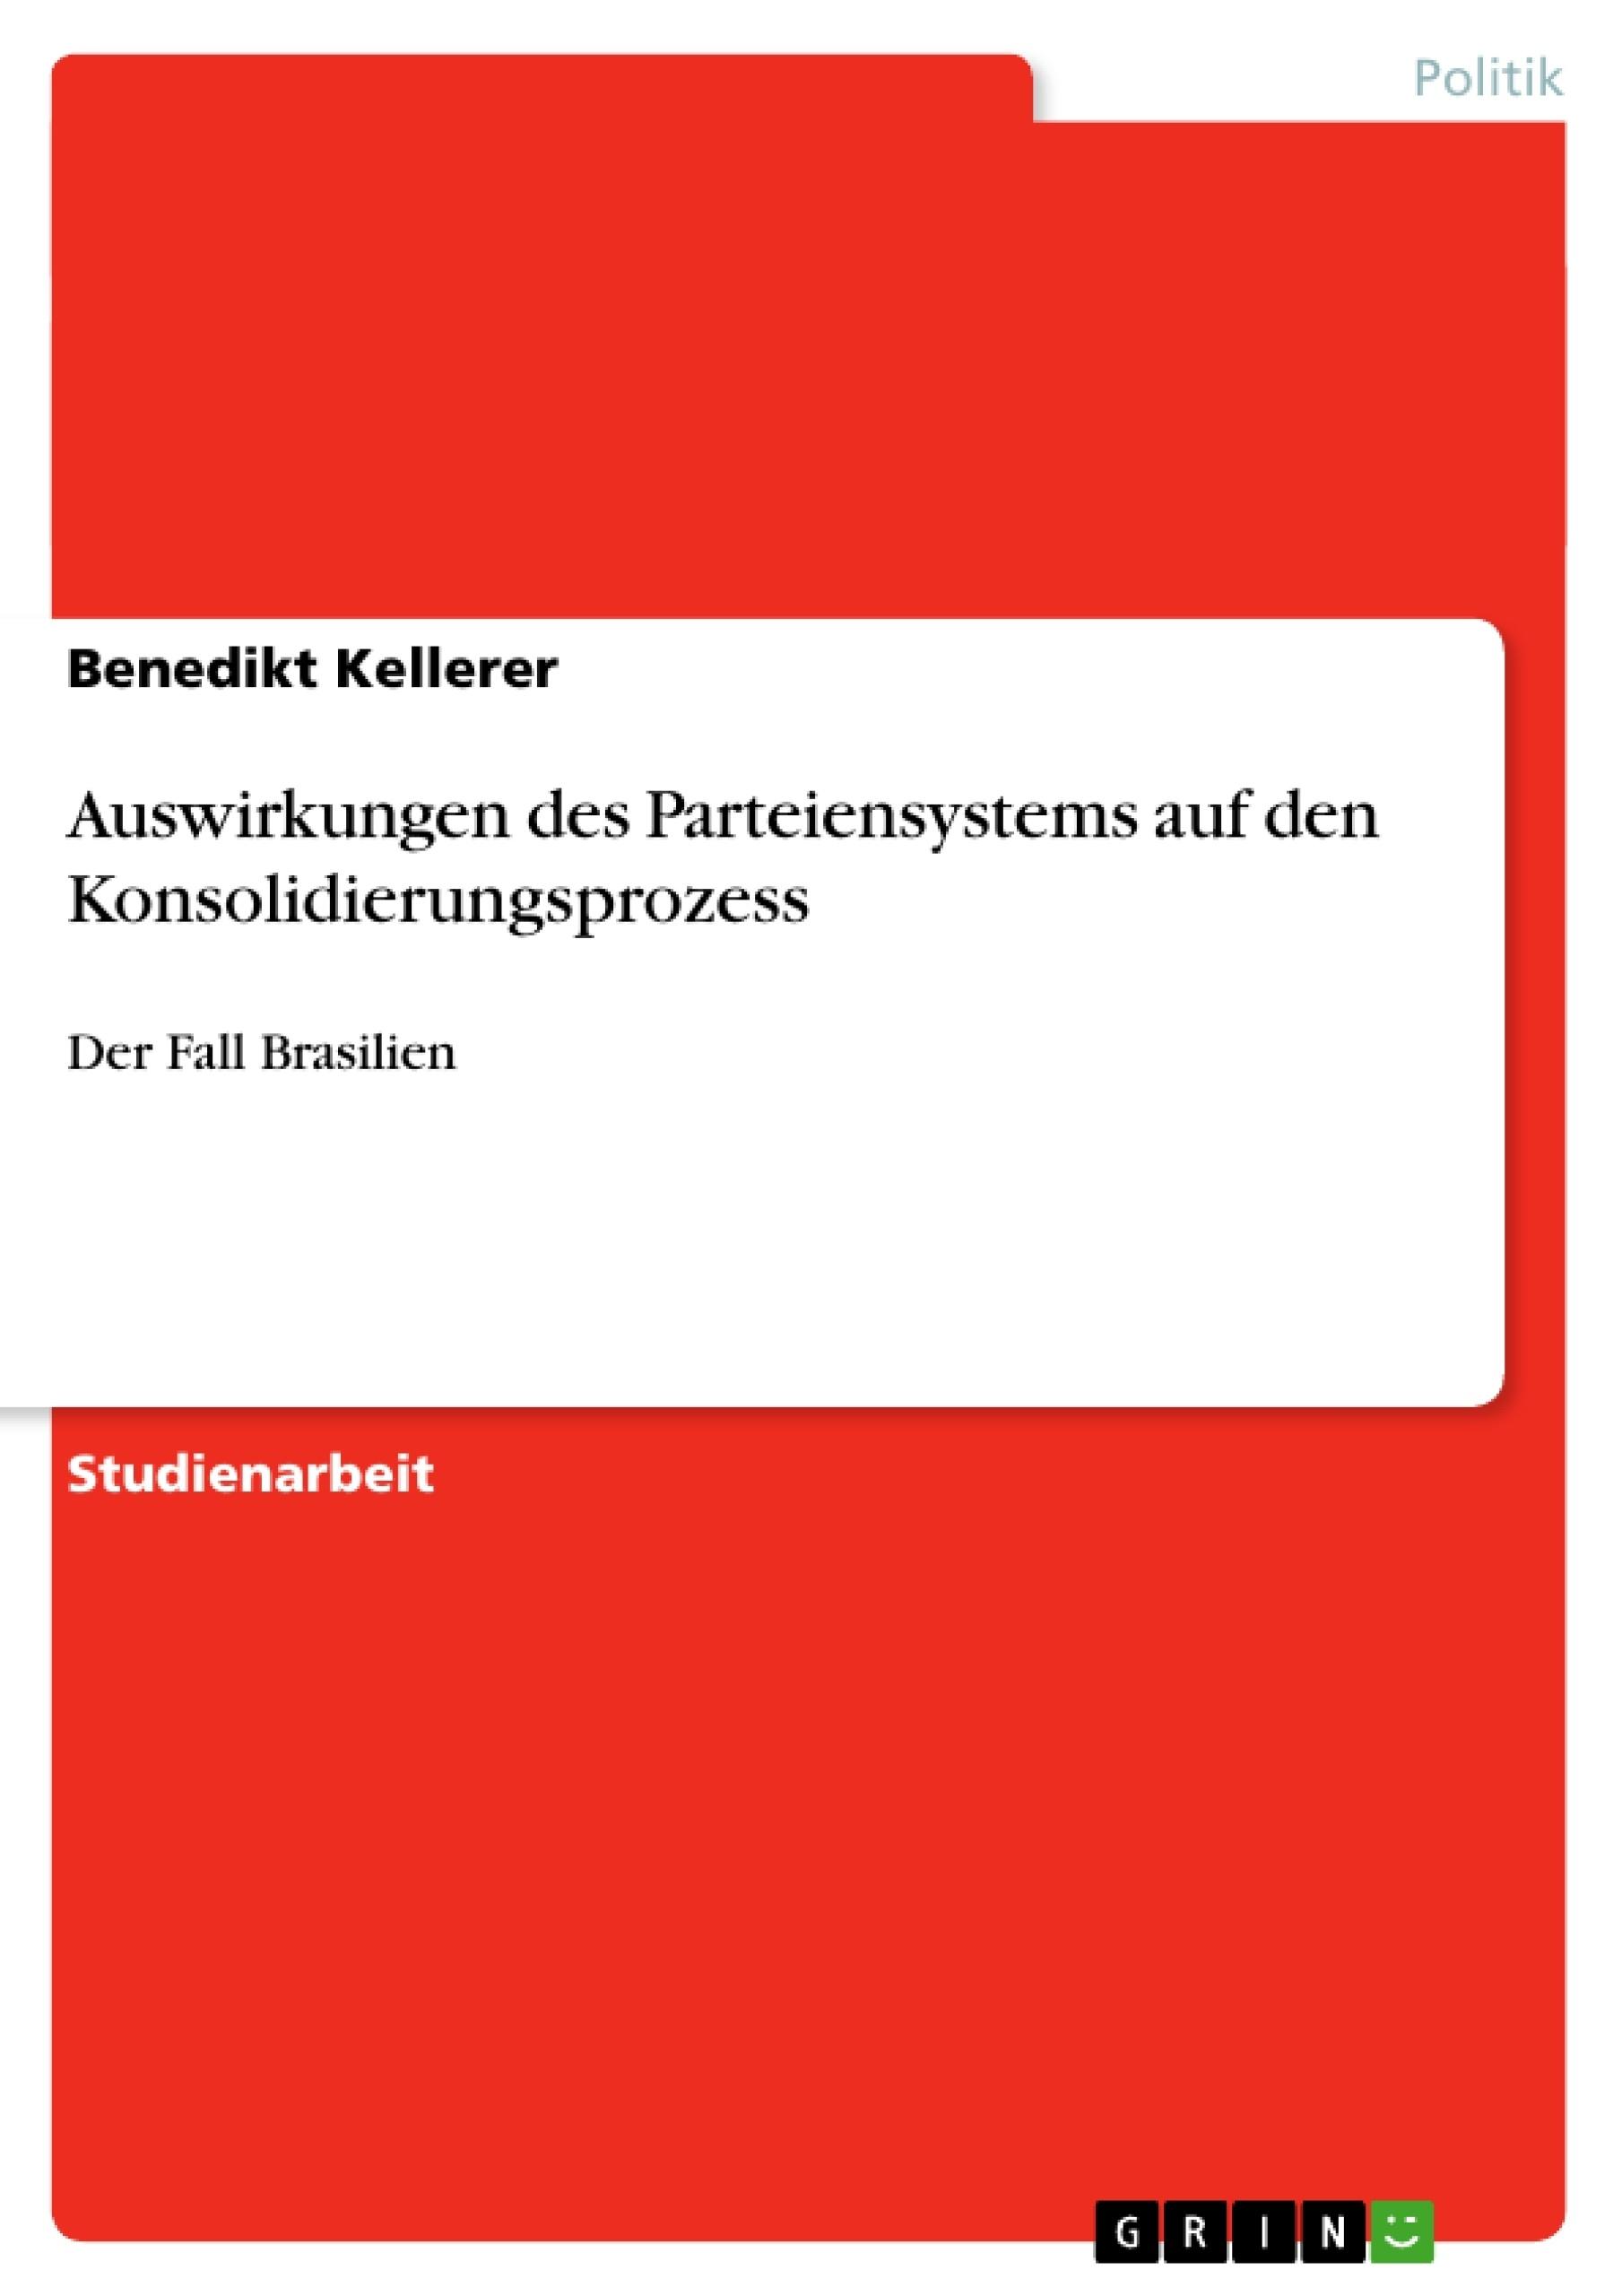 Titel: Auswirkungen des Parteiensystems auf den Konsolidierungsprozess